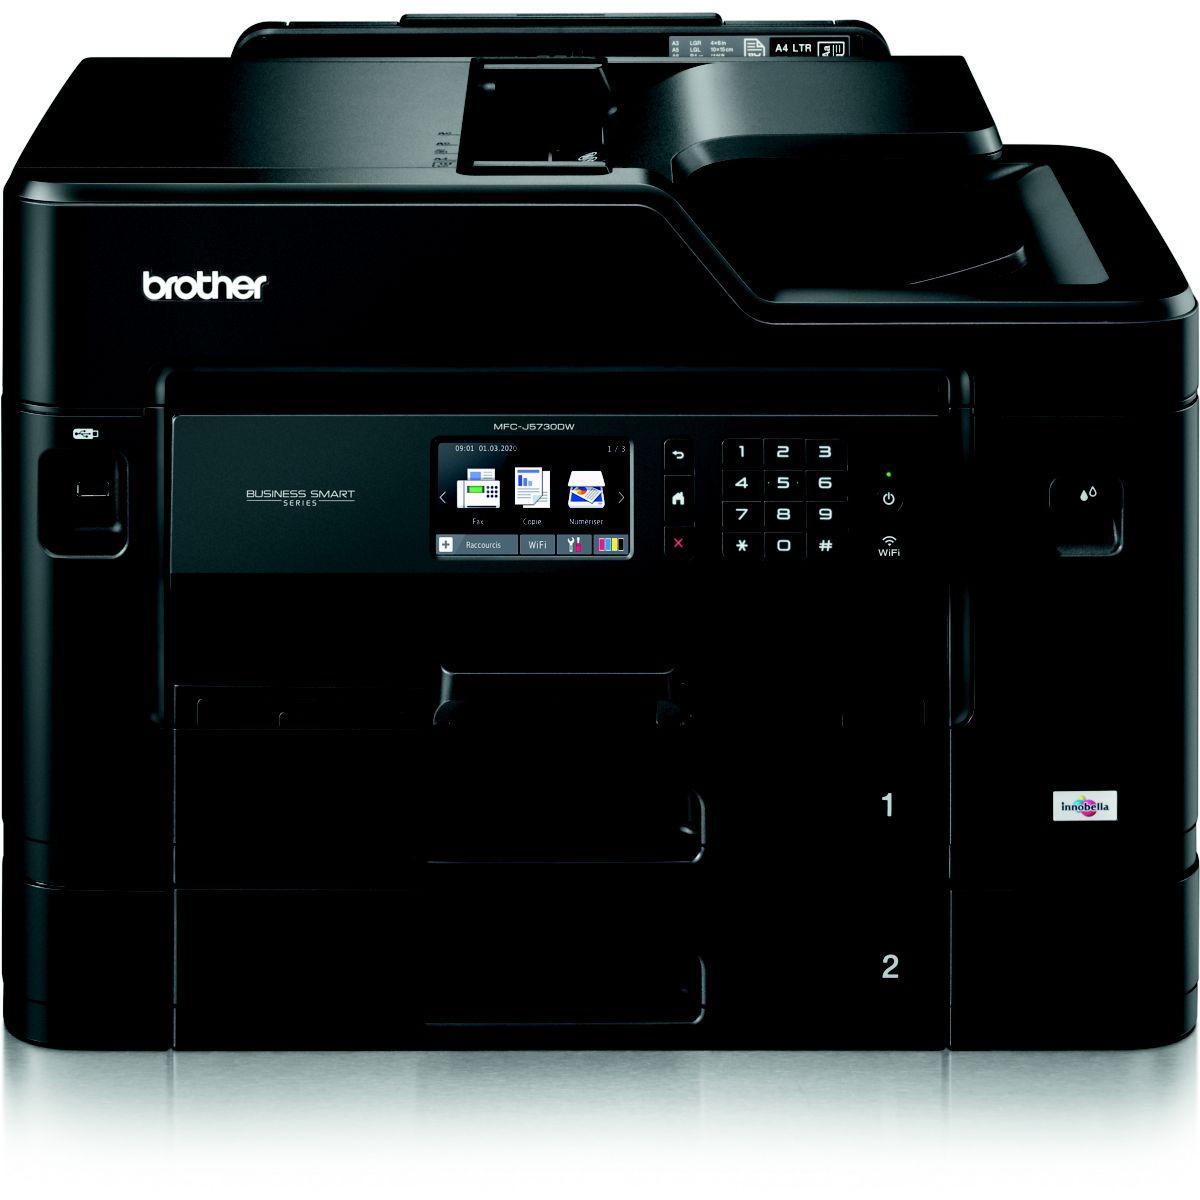 Imprimante jet d'encre BROTHER MFC-J5730DW (photo)